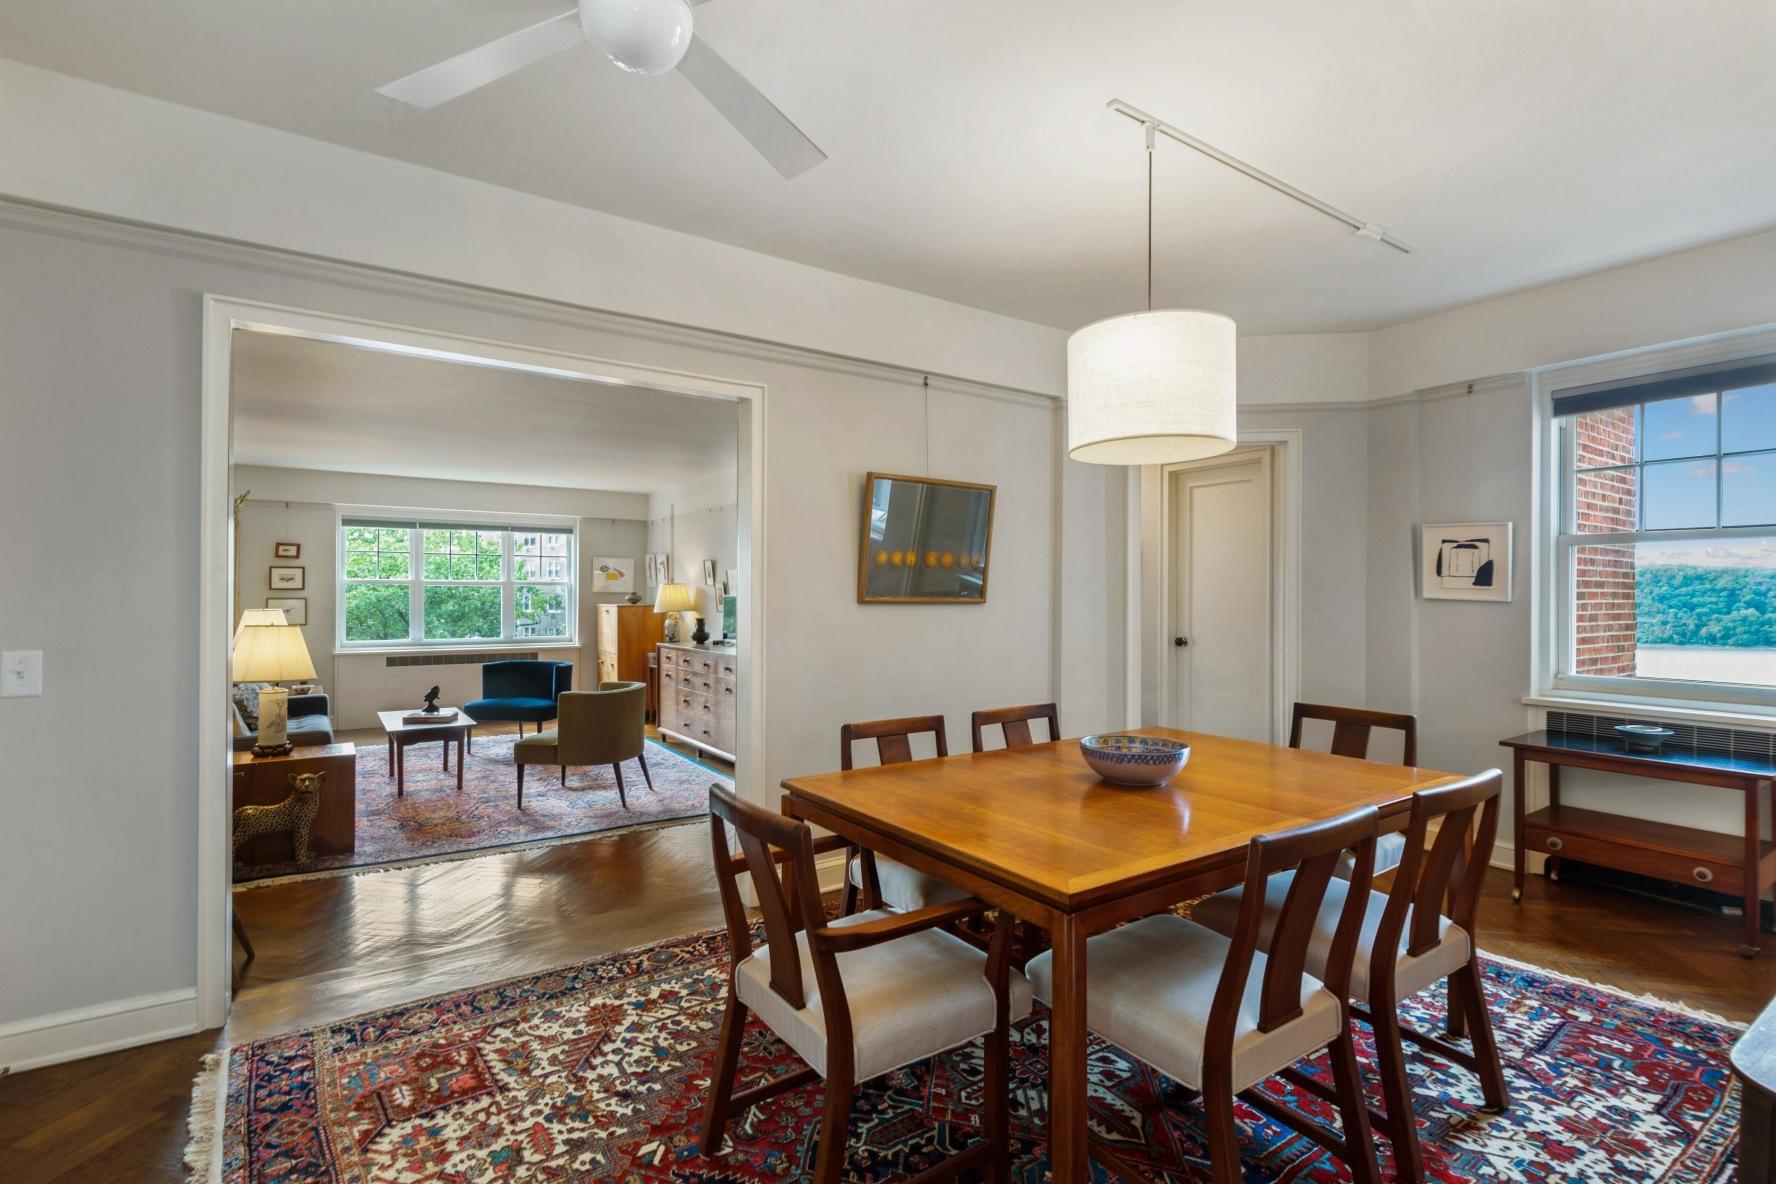 Apartment for sale at 120 Cabrini Boulevard, Apt 41